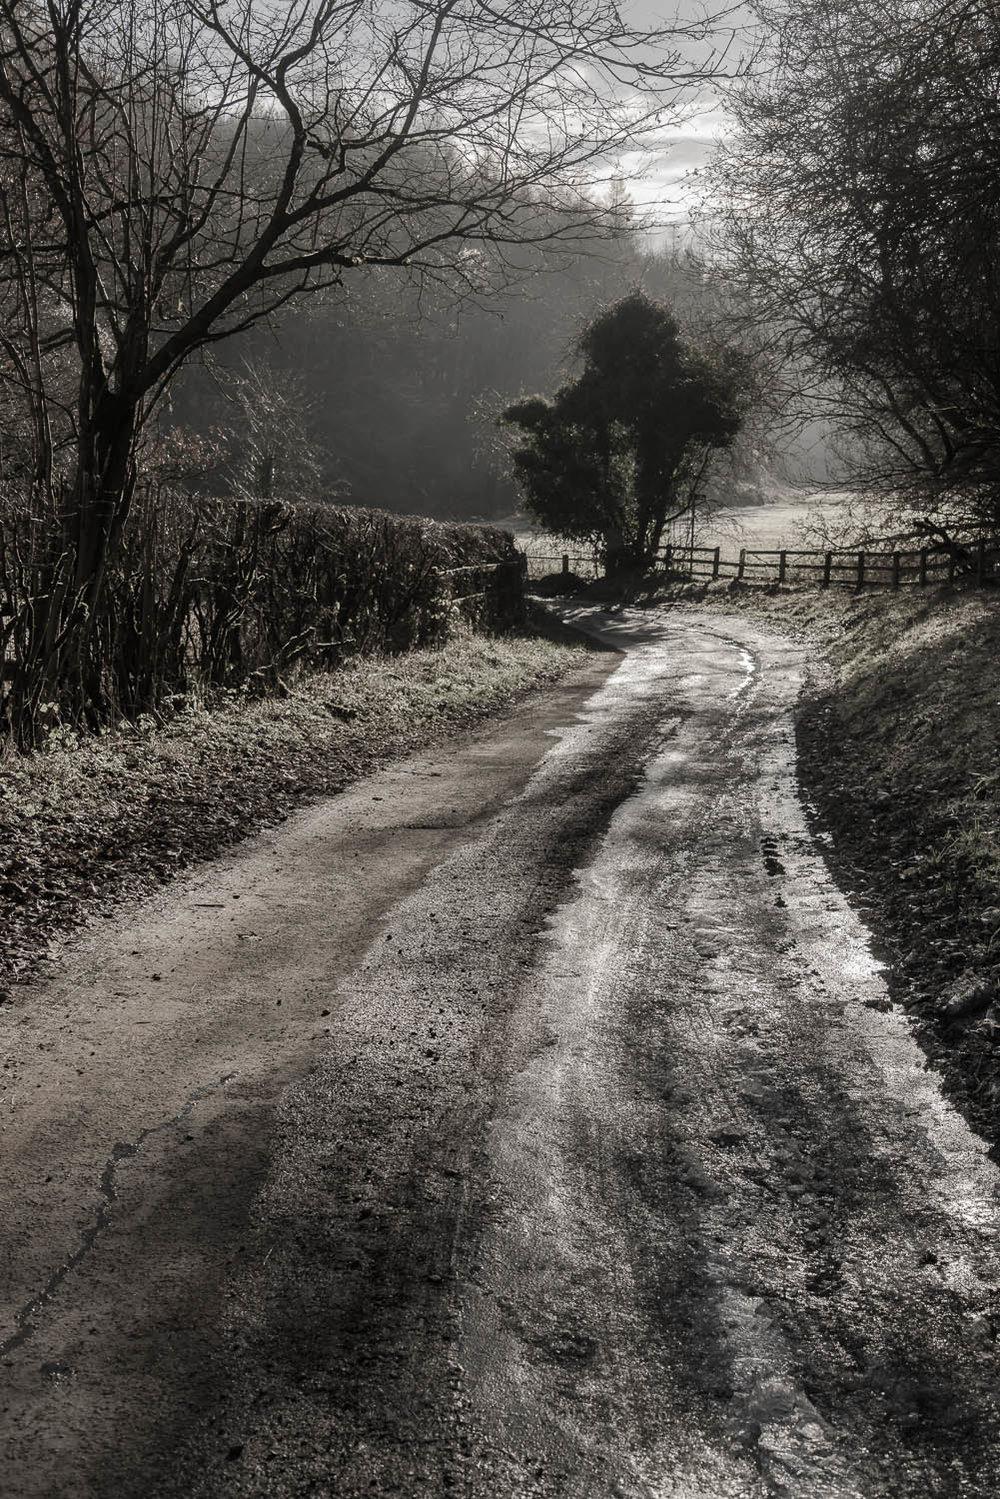 winter-Gloucestershire-Jo-Kearney-photos-landscape-photography-video-landscapes.jpg